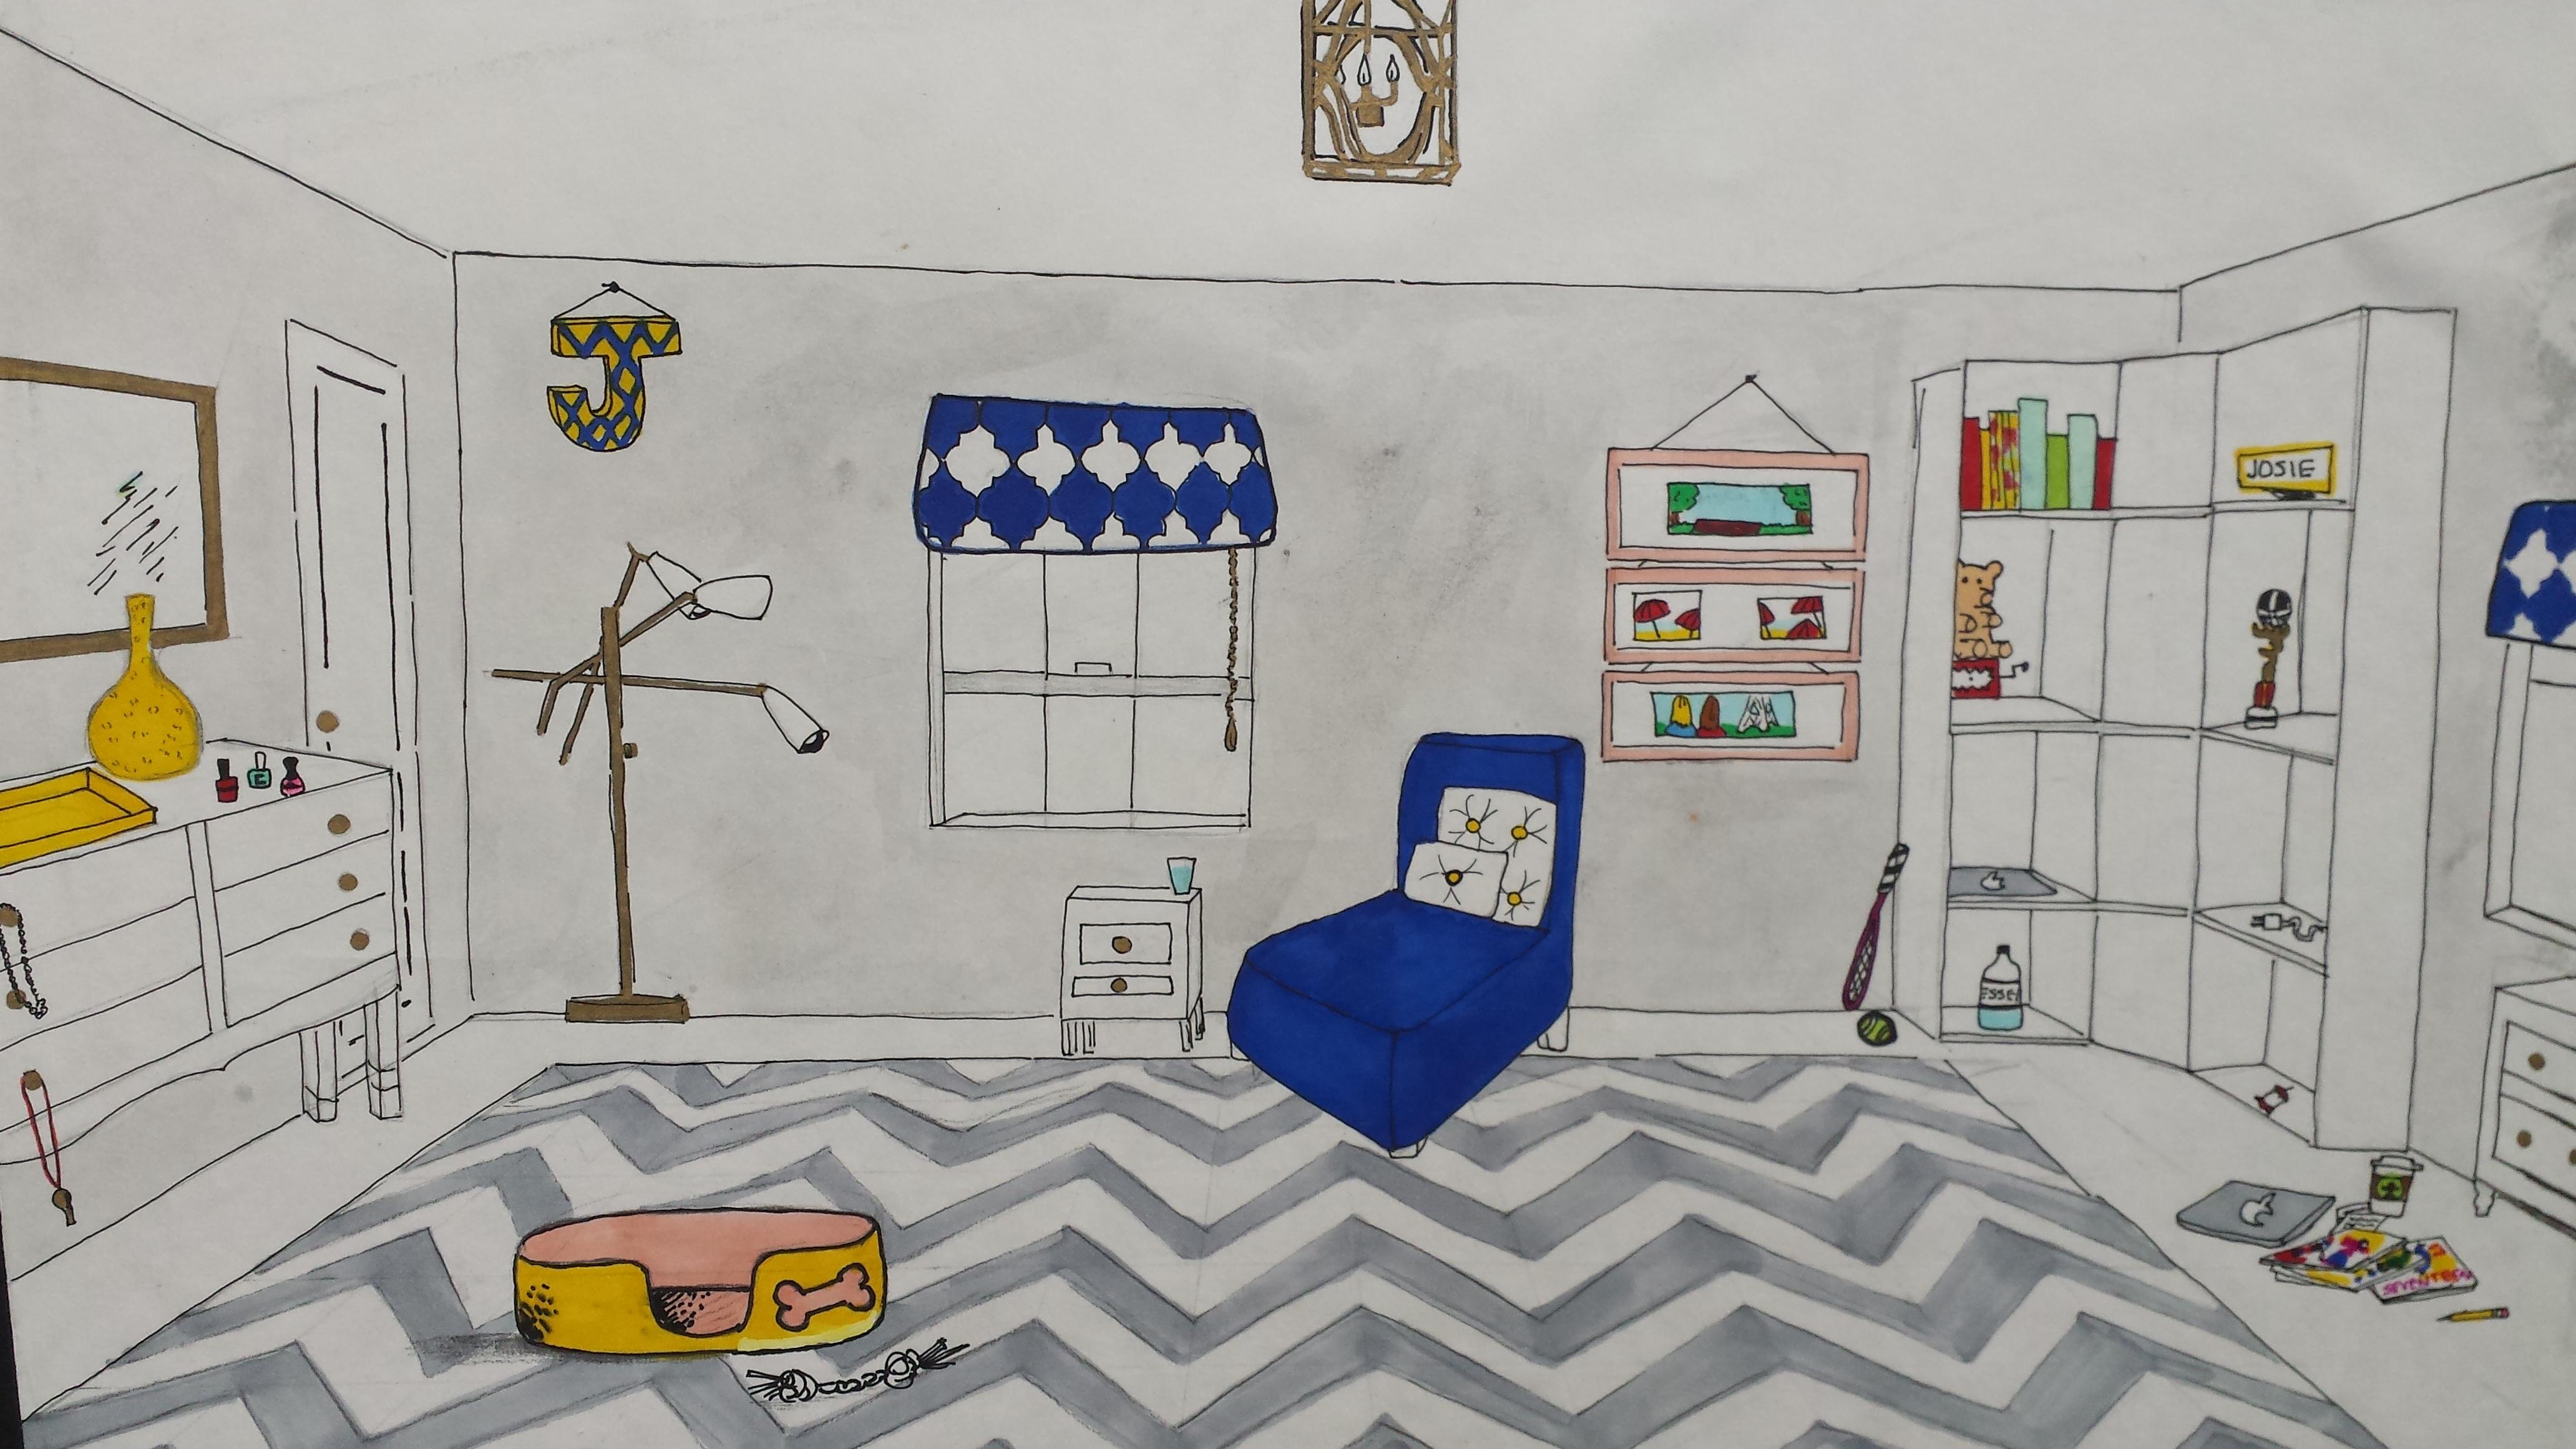 Interior Design Emma Teaches Art